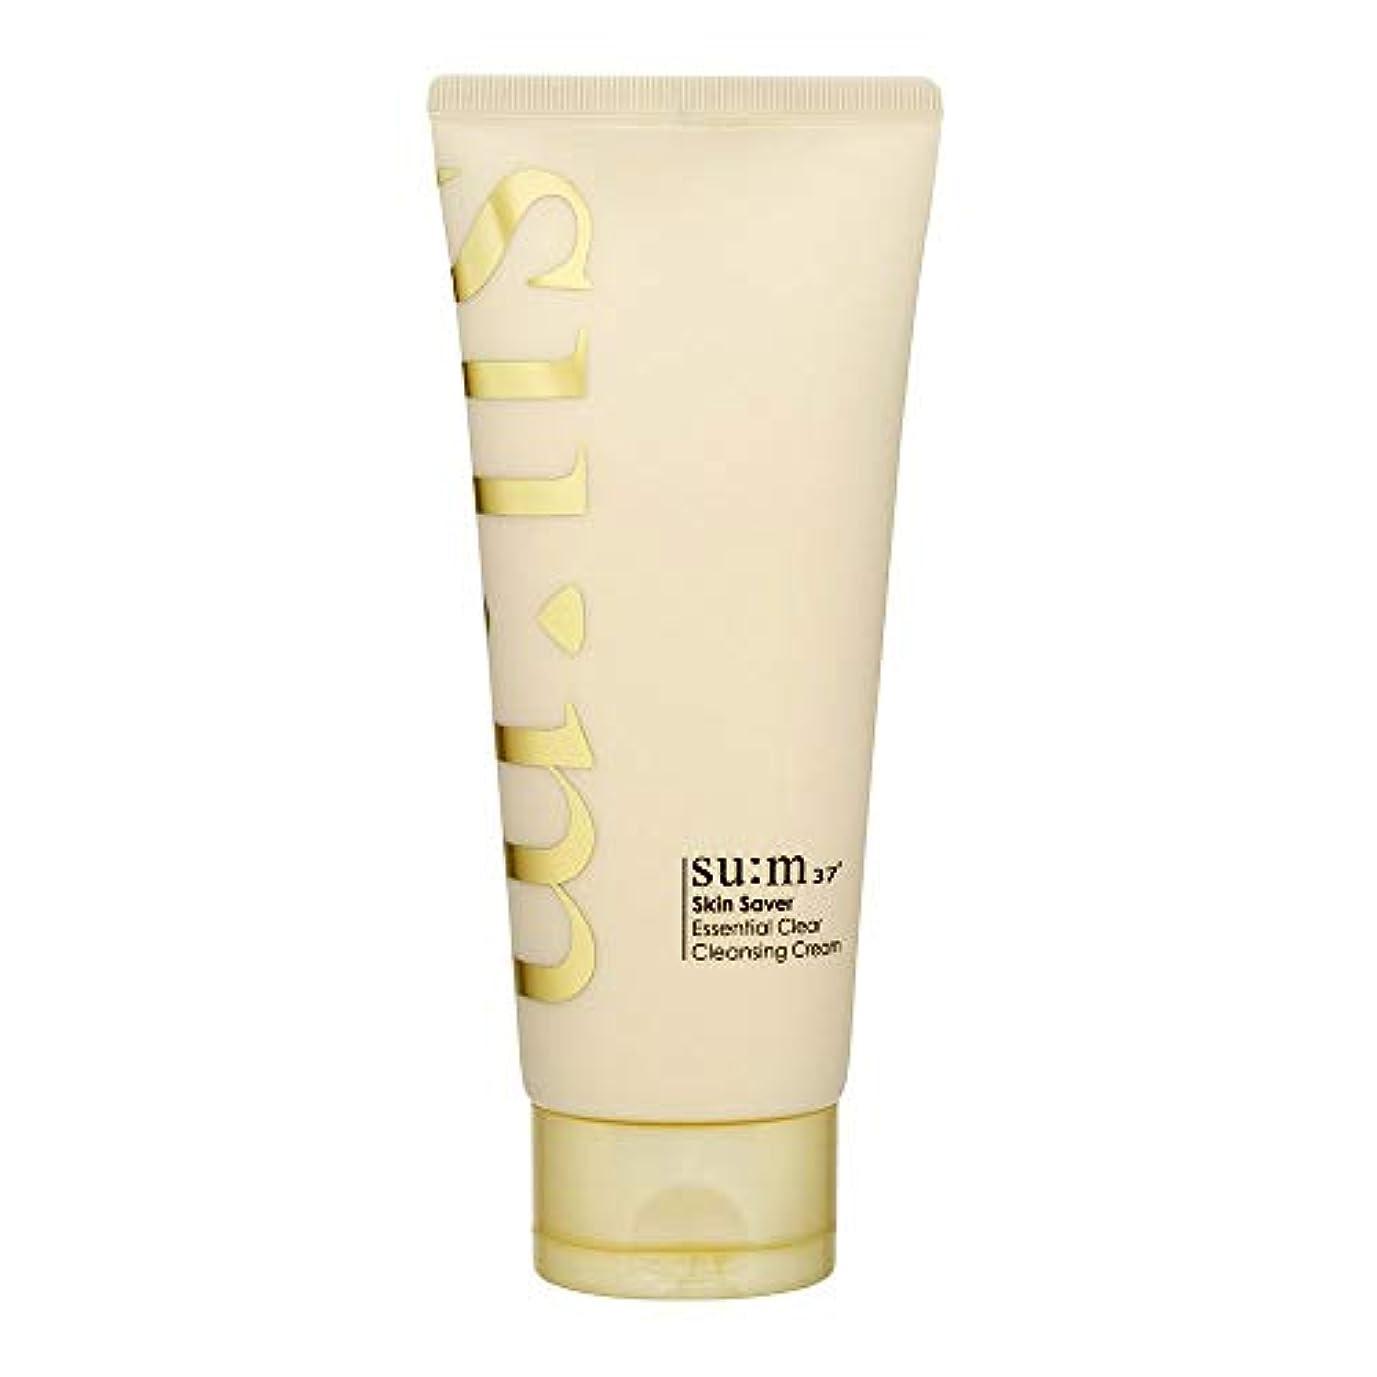 時系列中絶と遊ぶ[スム37°] Sum37° スキンセイバー エッセンシャルクリアクレンジングクリーム  Skin saver Essential Clear Cleansing Cream (海外直送品) [並行輸入品]